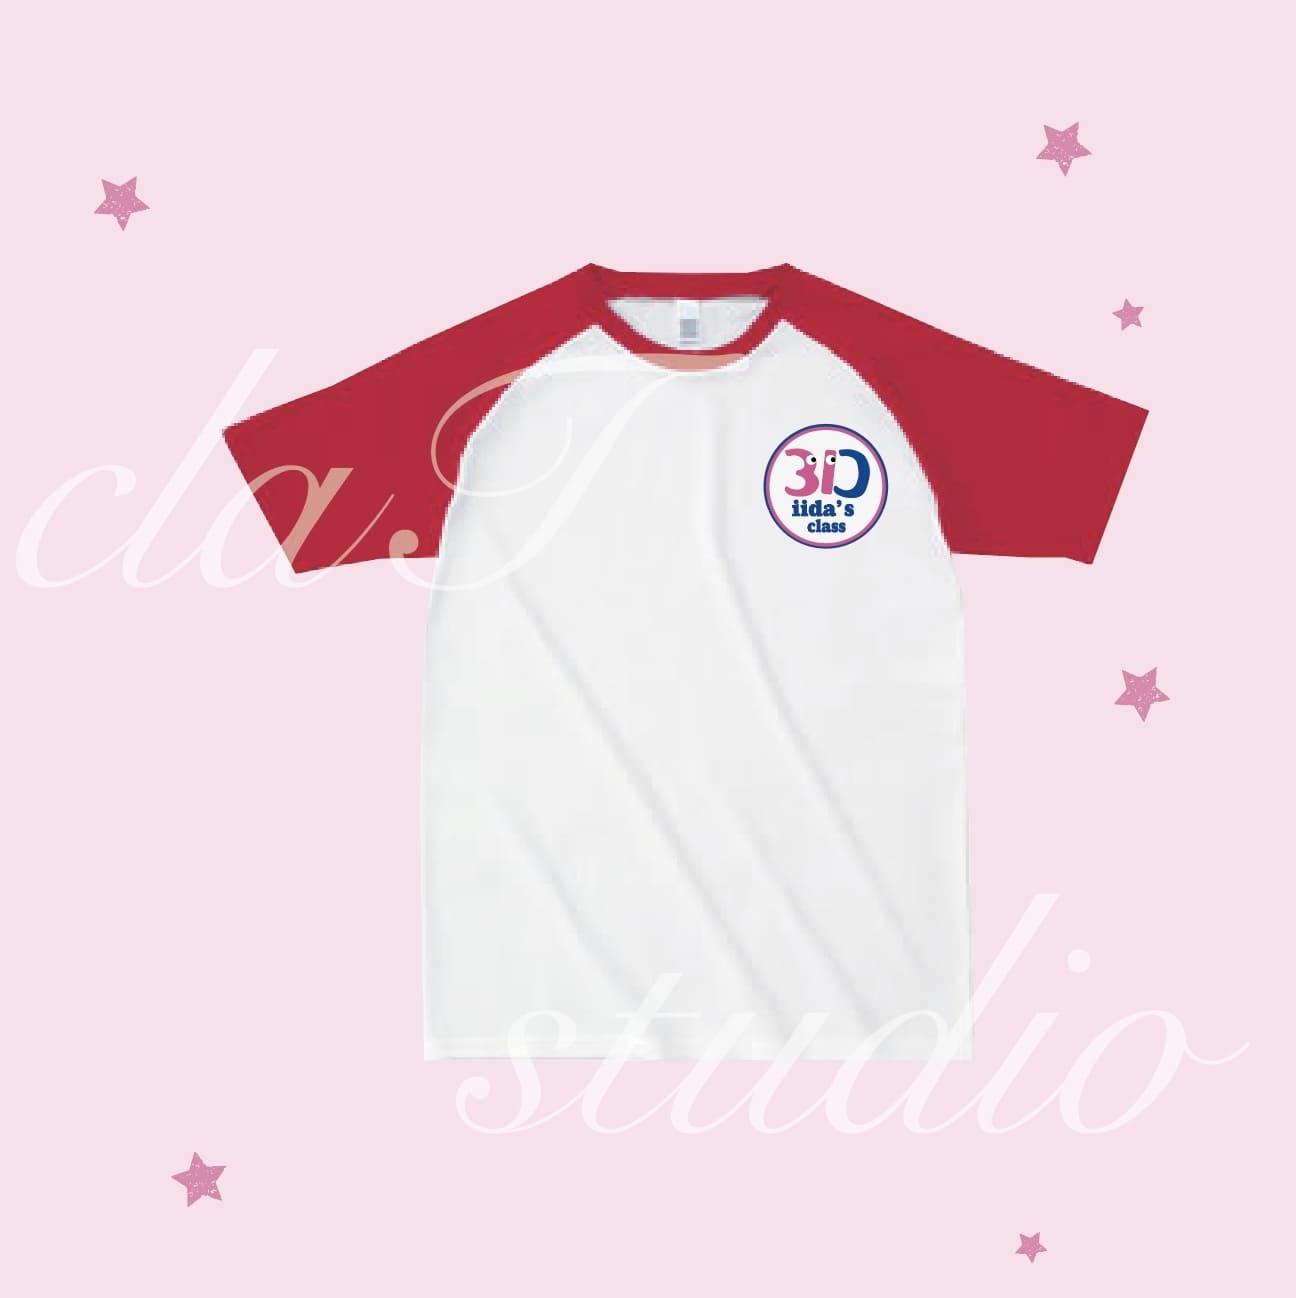 サーティワンアイスクリームのクラスTシャツデザインc